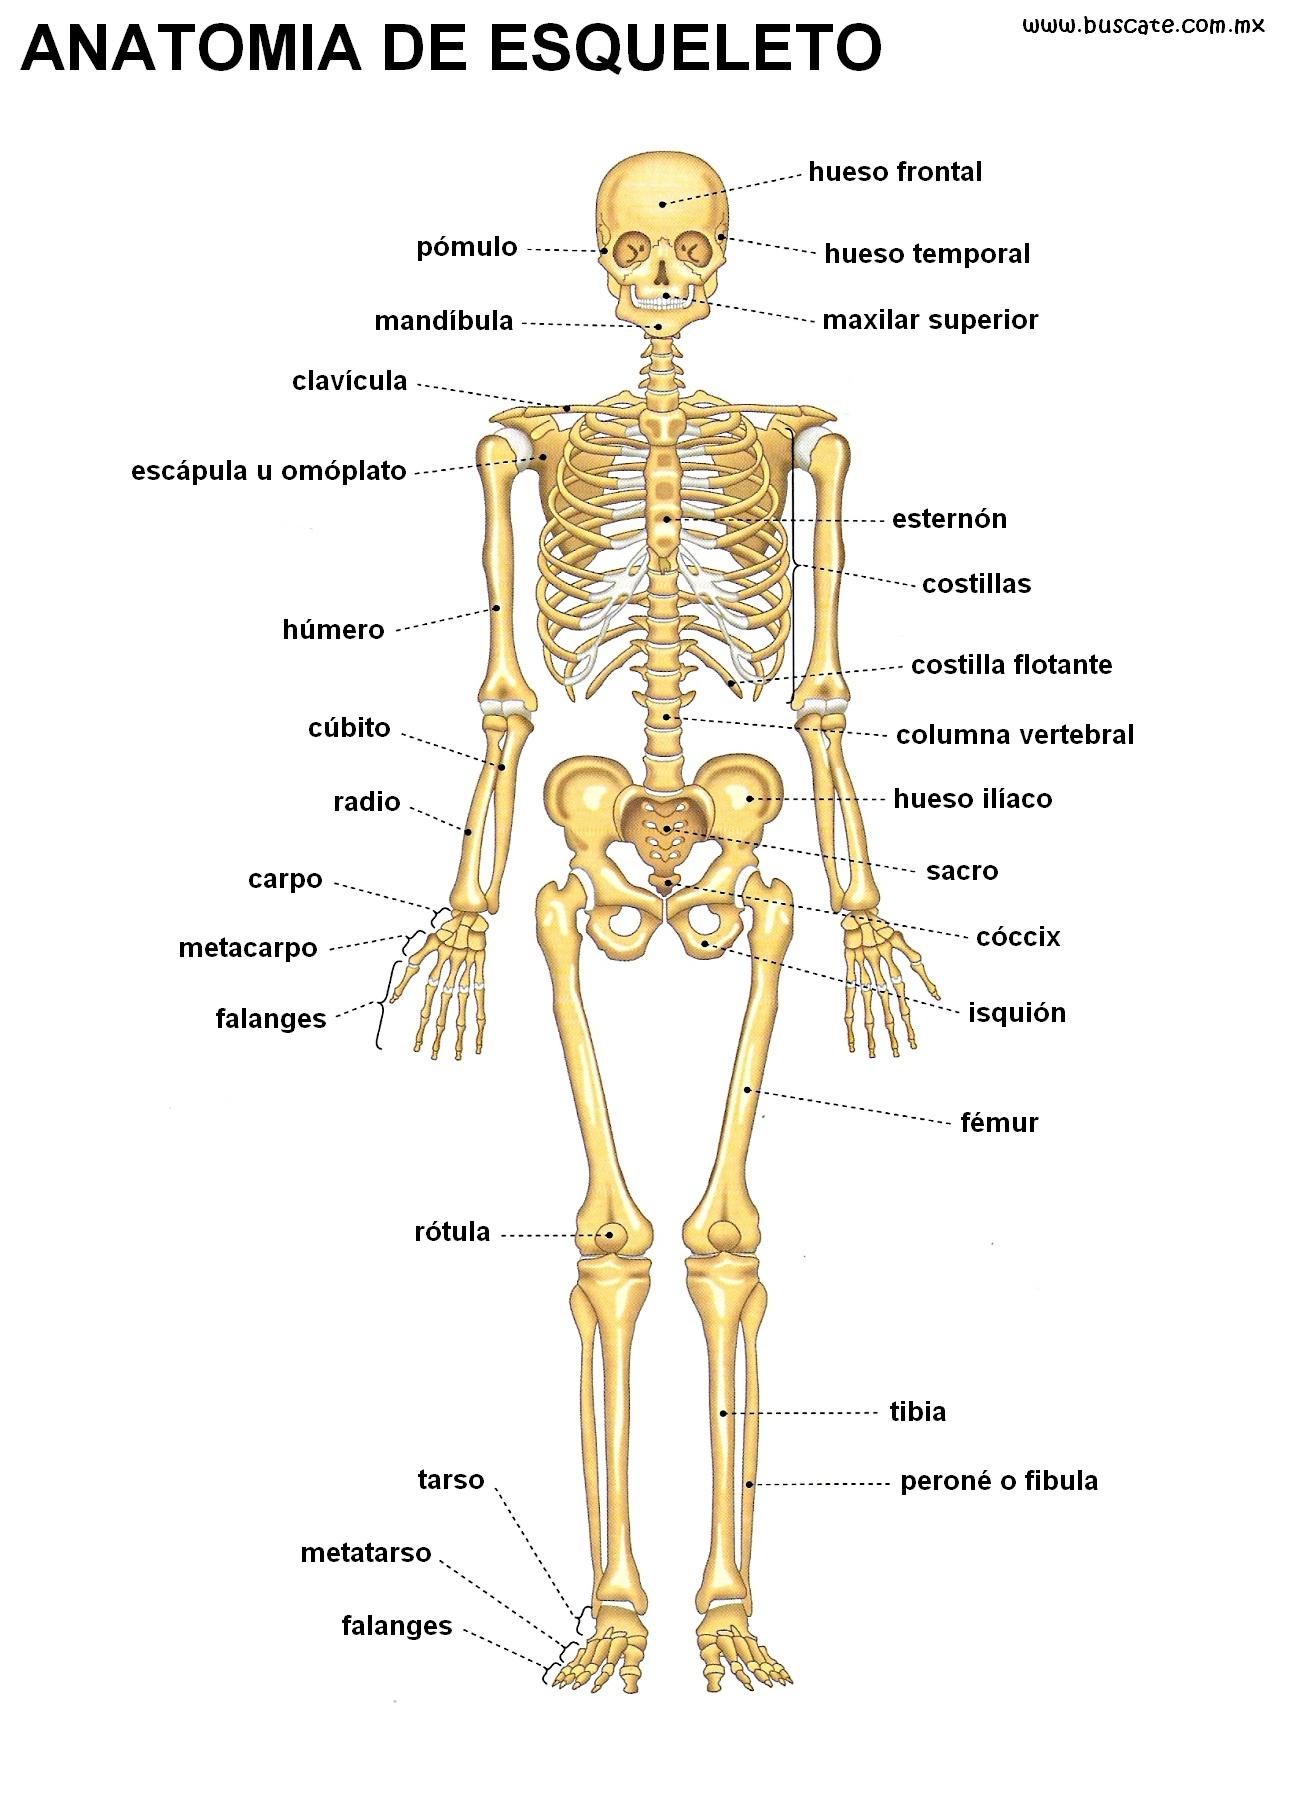 Imágenes de el esqueleto humano | todo en imágenes